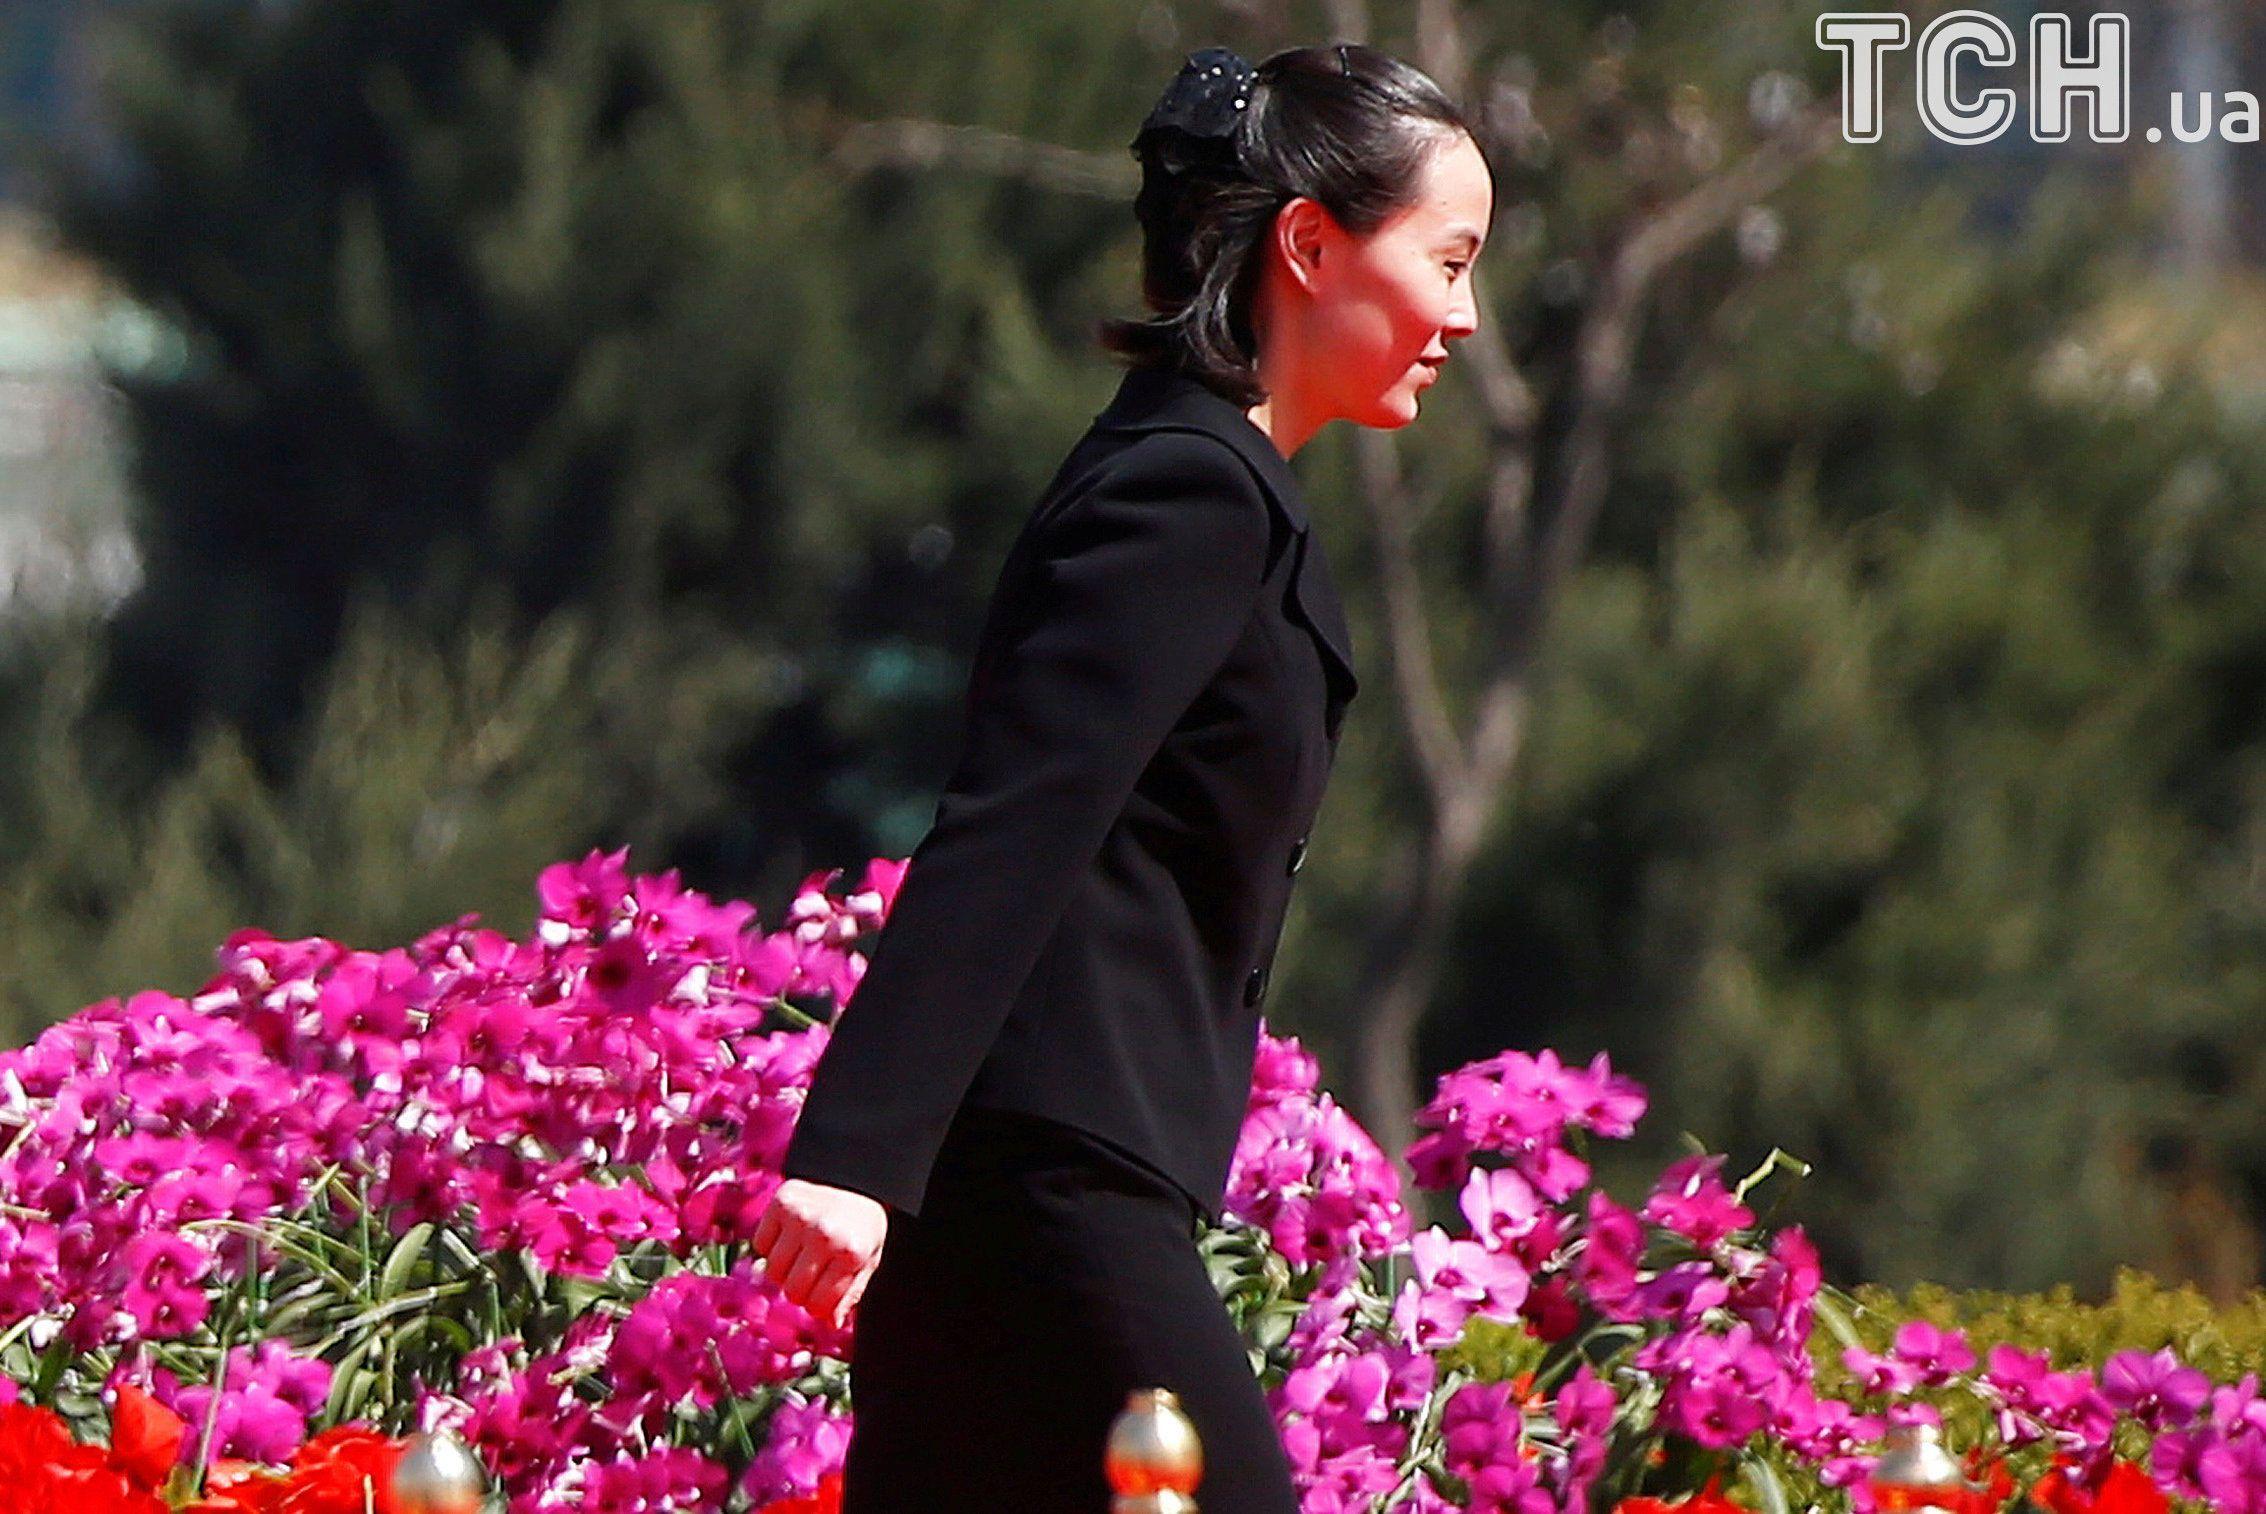 сестра лідера КНДР, сестра кім чен ина, Кім Йо Чжон